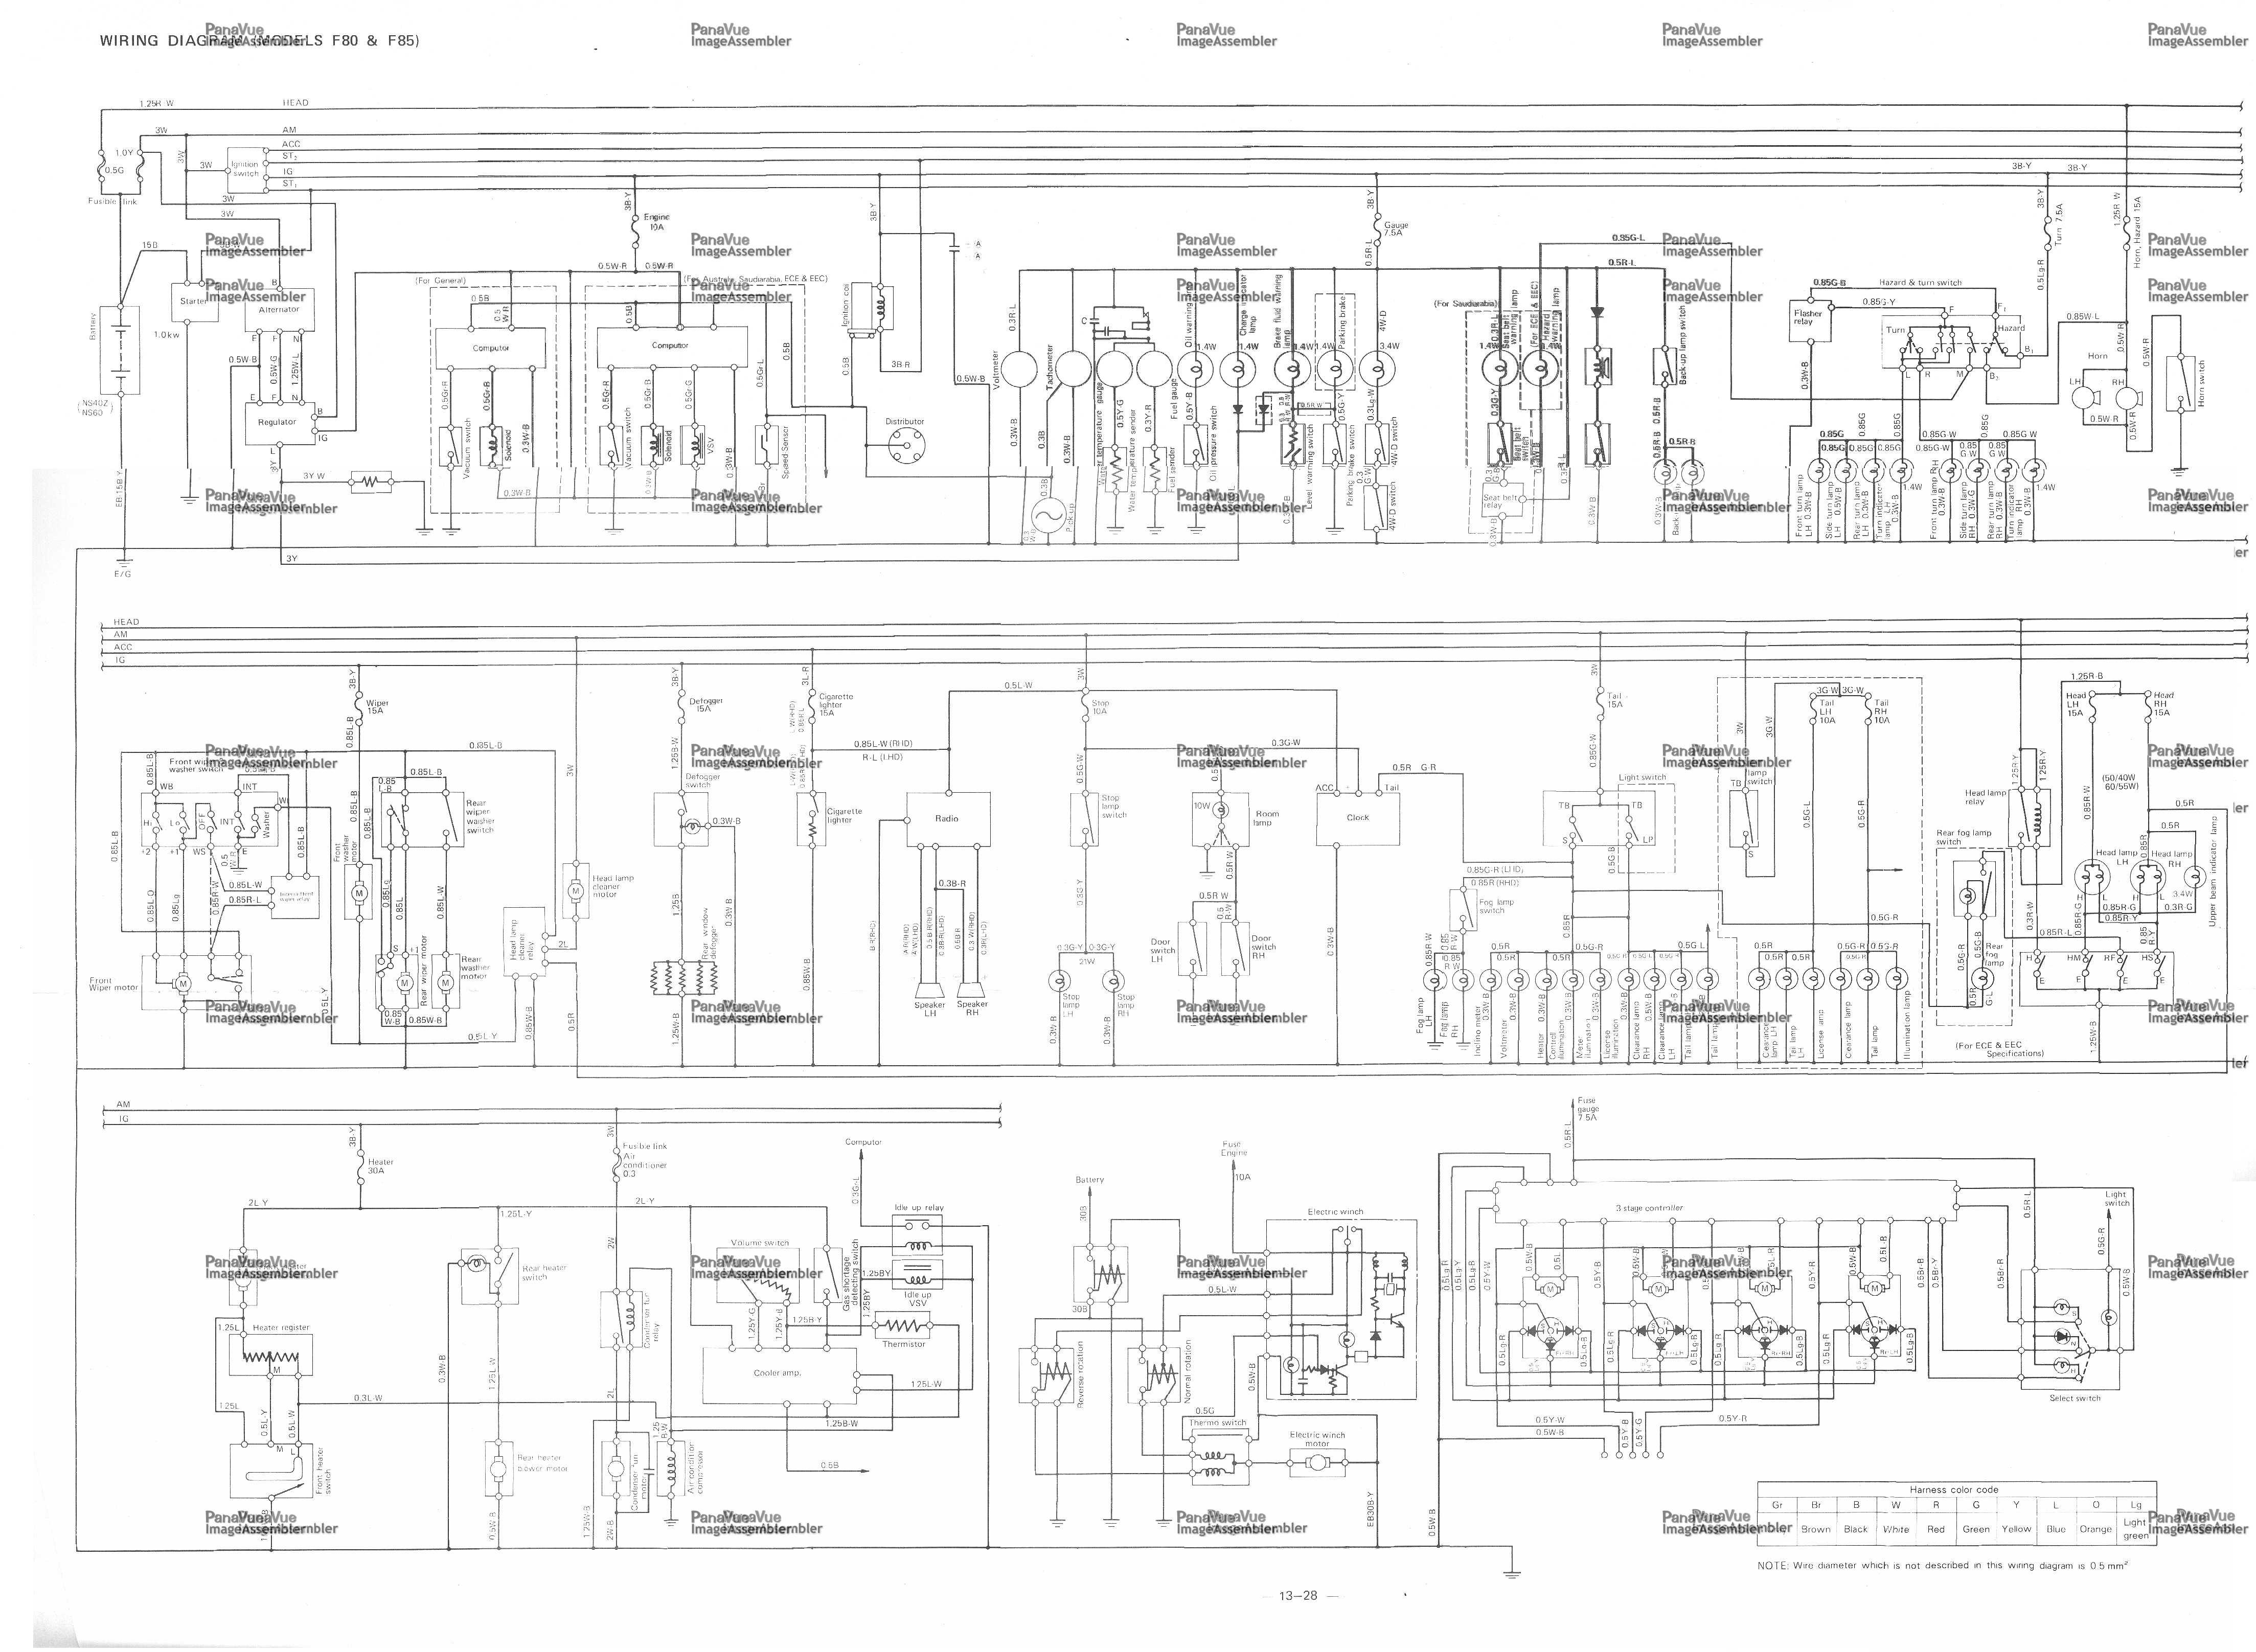 daihatsu car manuals wiring diagrams pdf fault codes rh automotive manuals net 91 Daihatsu Rocky Daihatsu Hijet